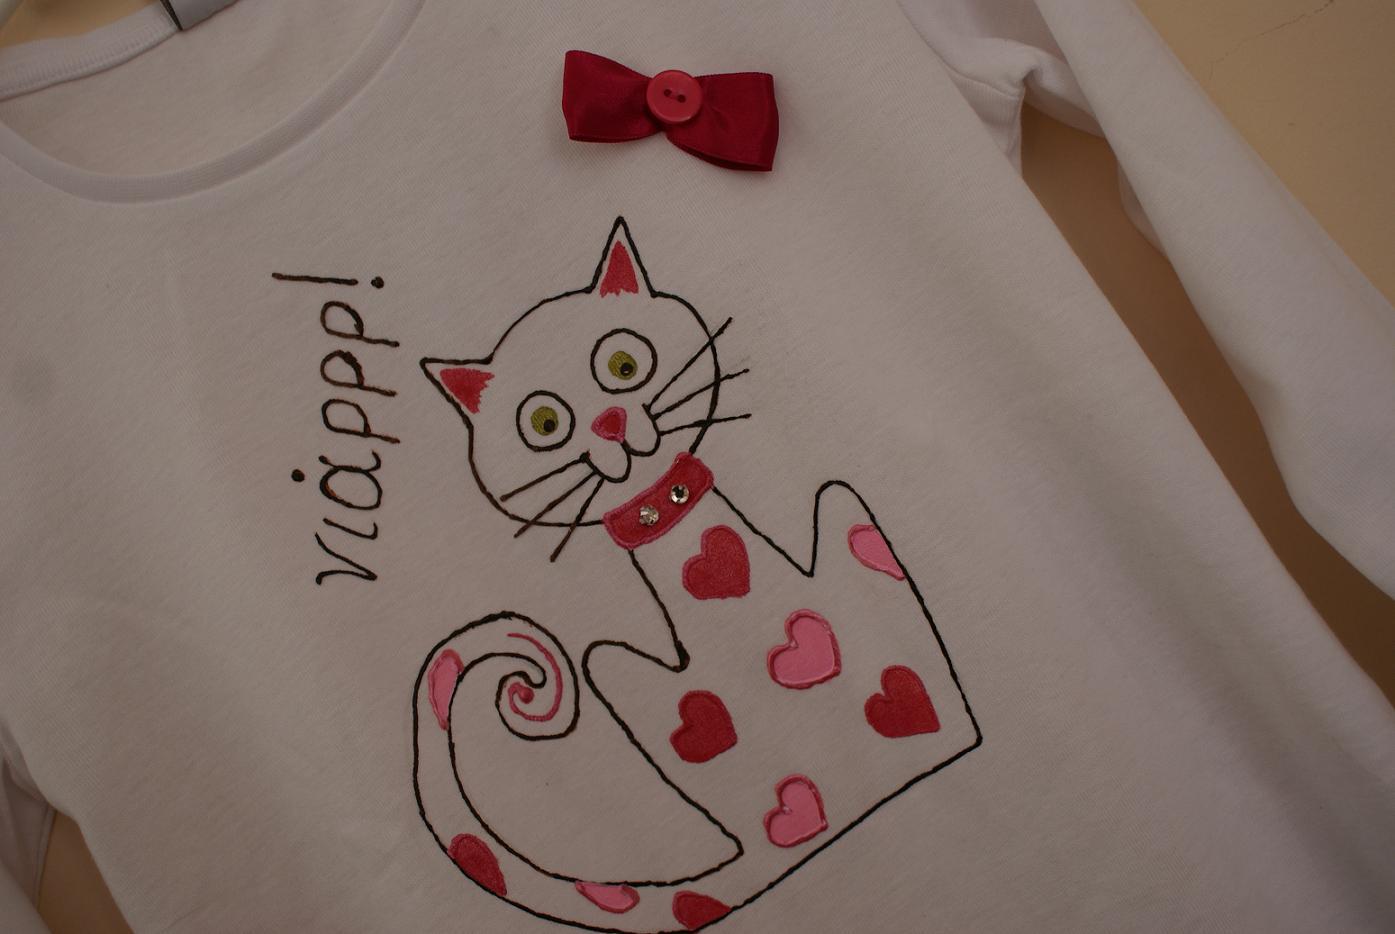 dc77f6beae1b Γάτα αστειόζα και αγαπησιάρα έκανε κονέ με ένα λευκό μπλουζάκι με απώτερο  σκοπό να βρει παιδάκι 9-10 ετών που θα την αγαπάει και θα την φροντίζει!